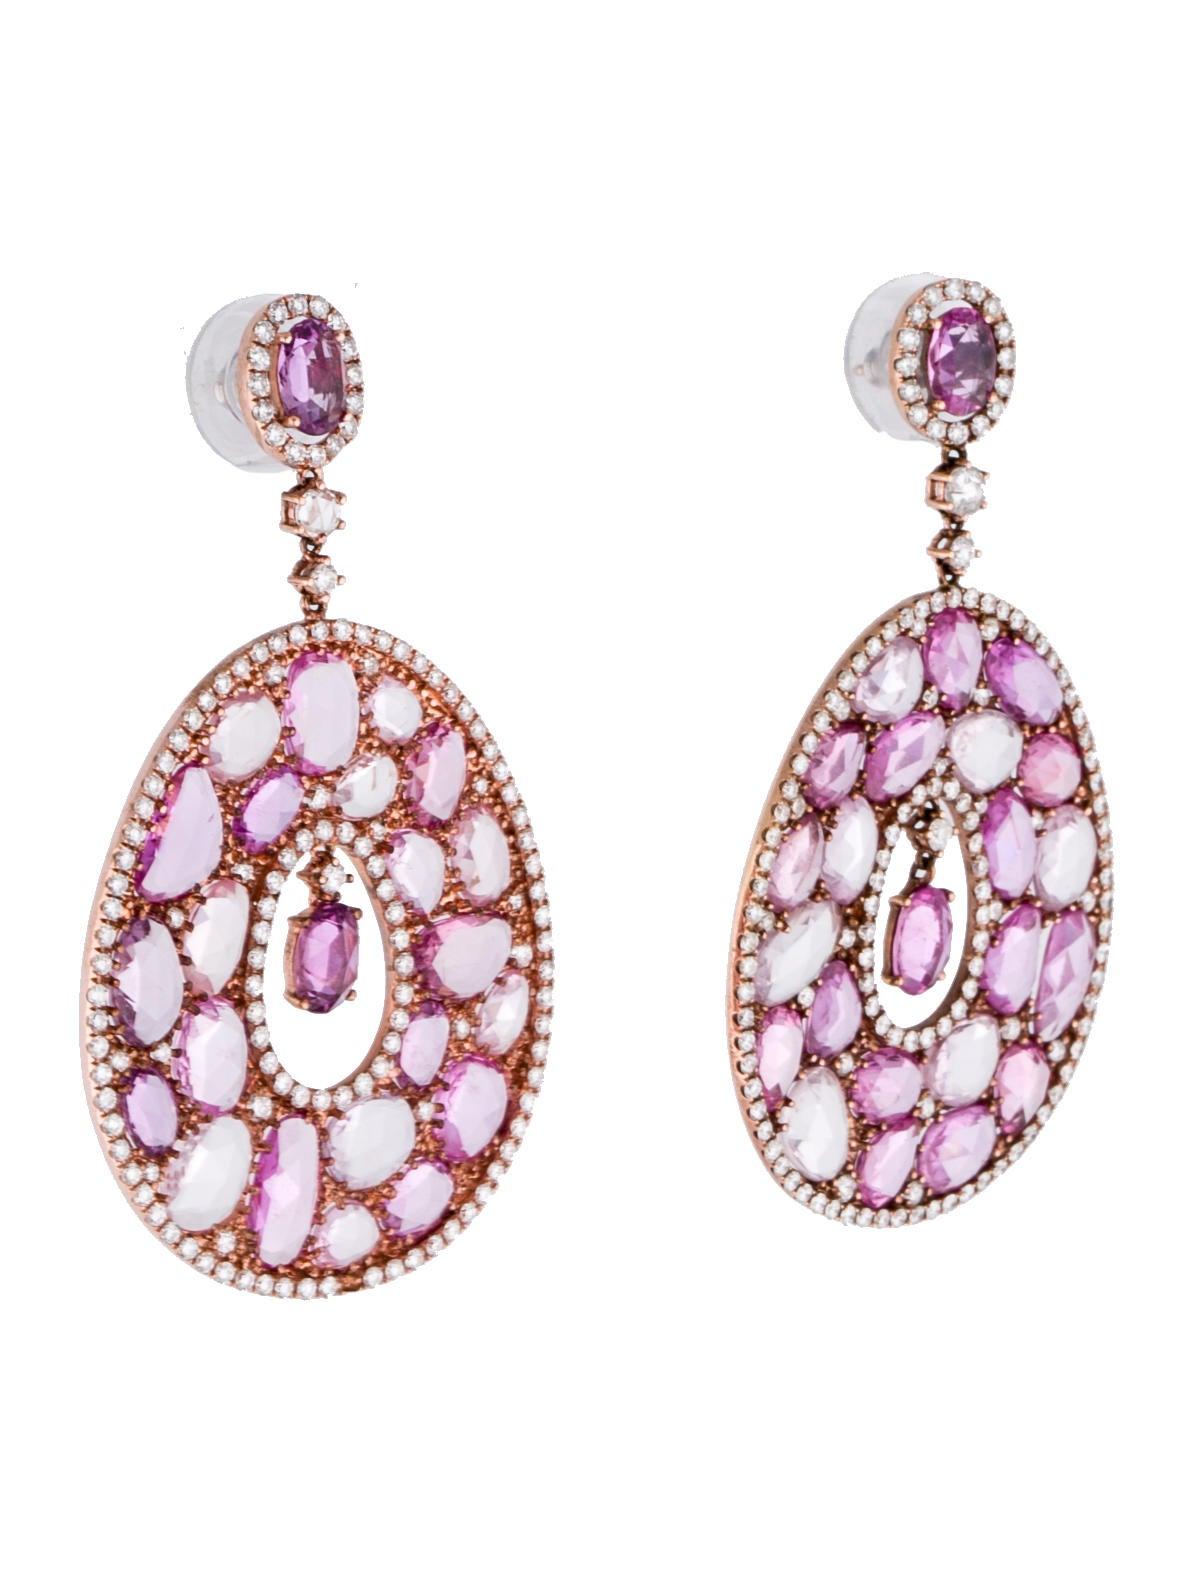 Real pink diamond earrings